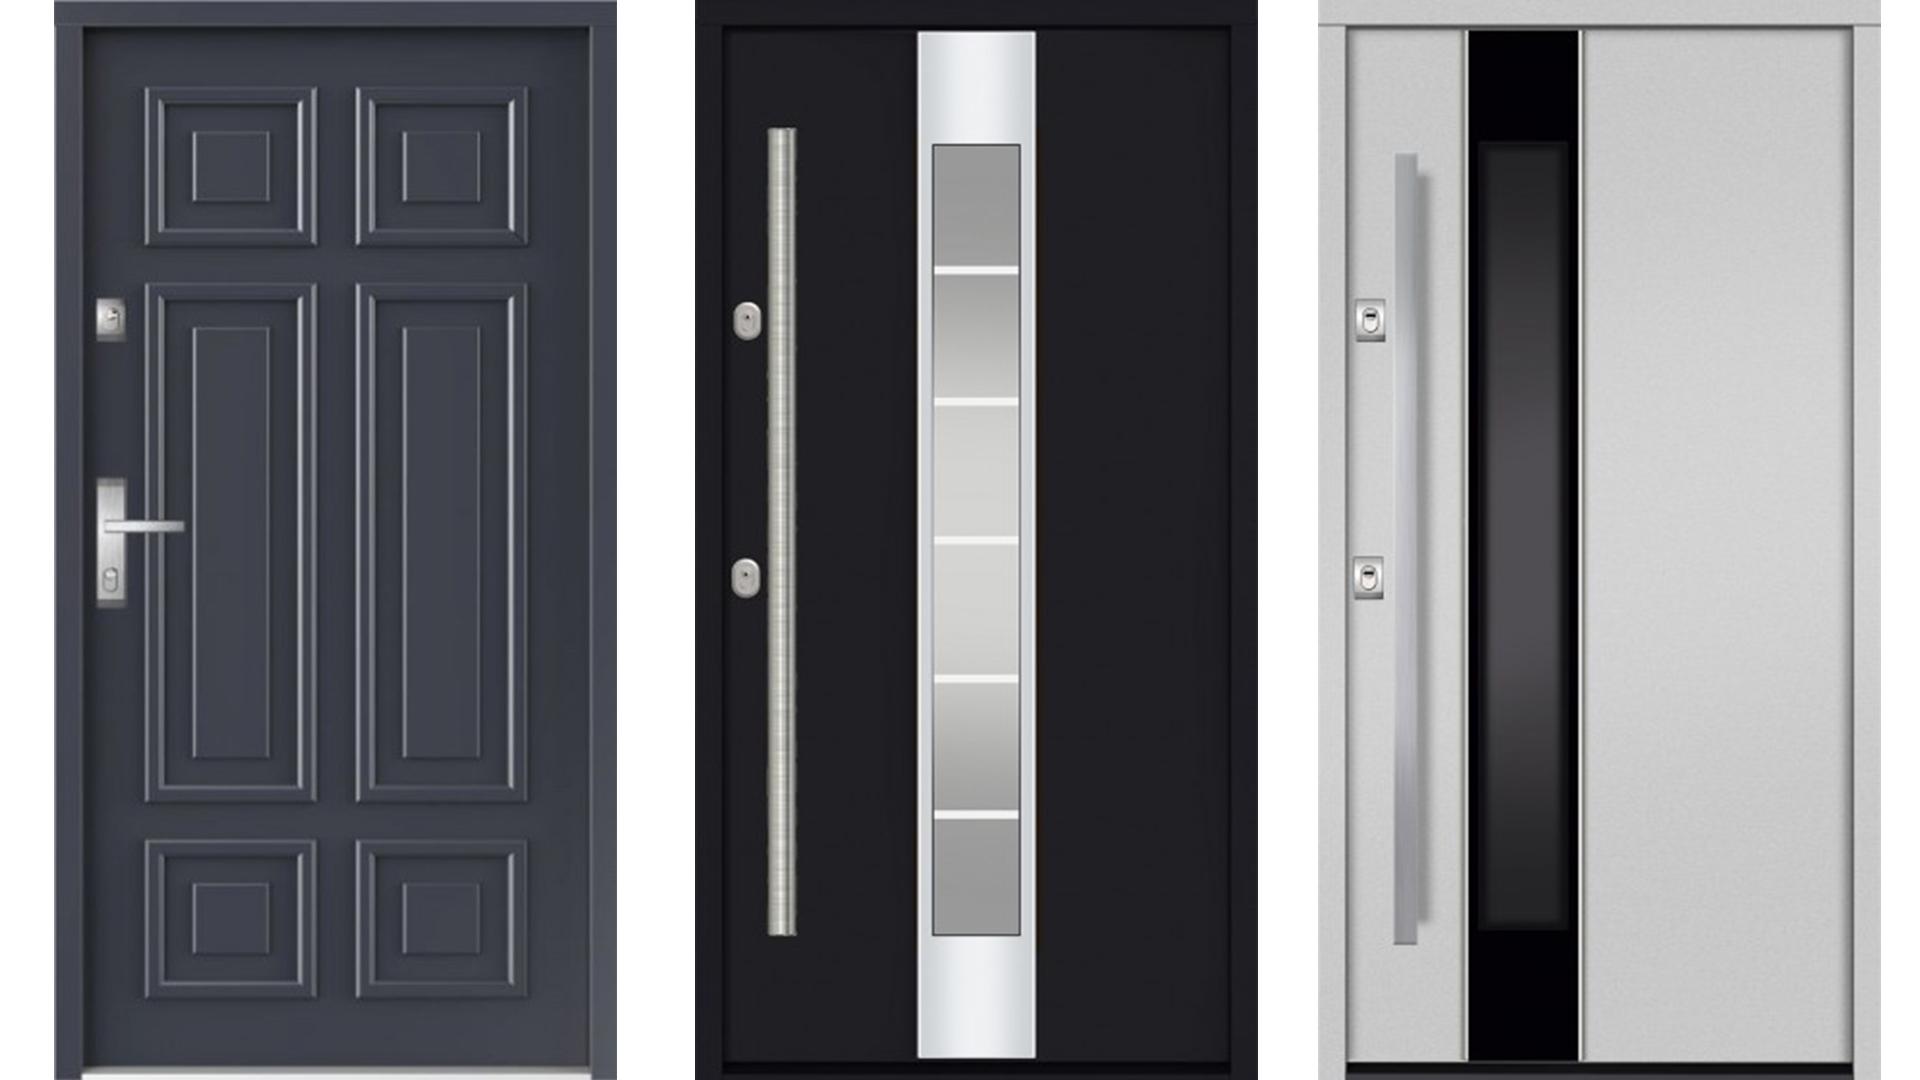 Acél bejárati ajtó előnye és hátránya